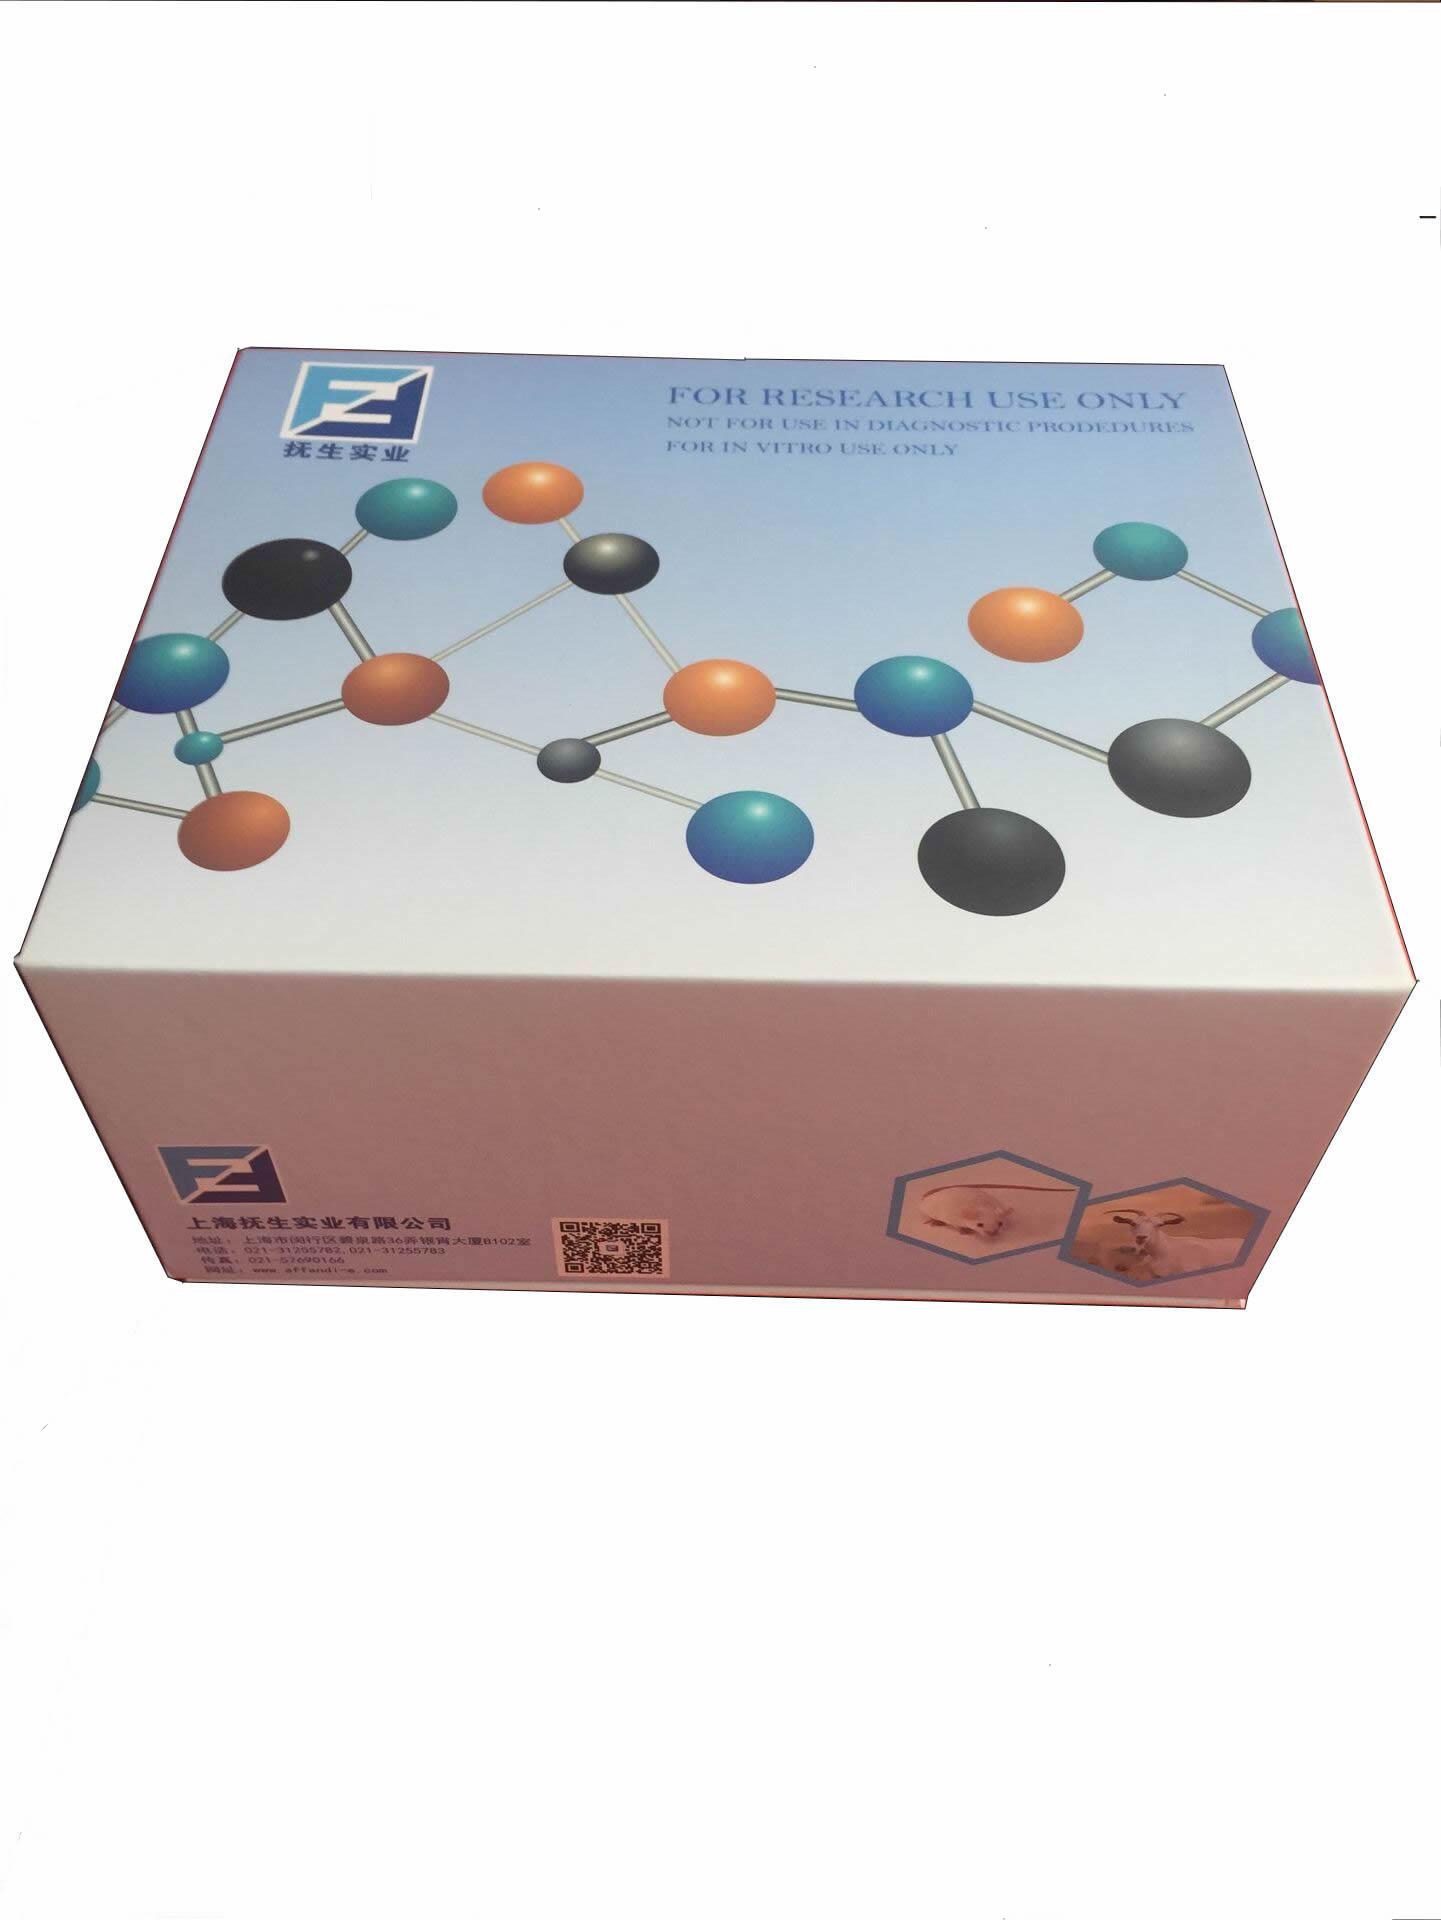 流行性出血热抗原检测试剂盒